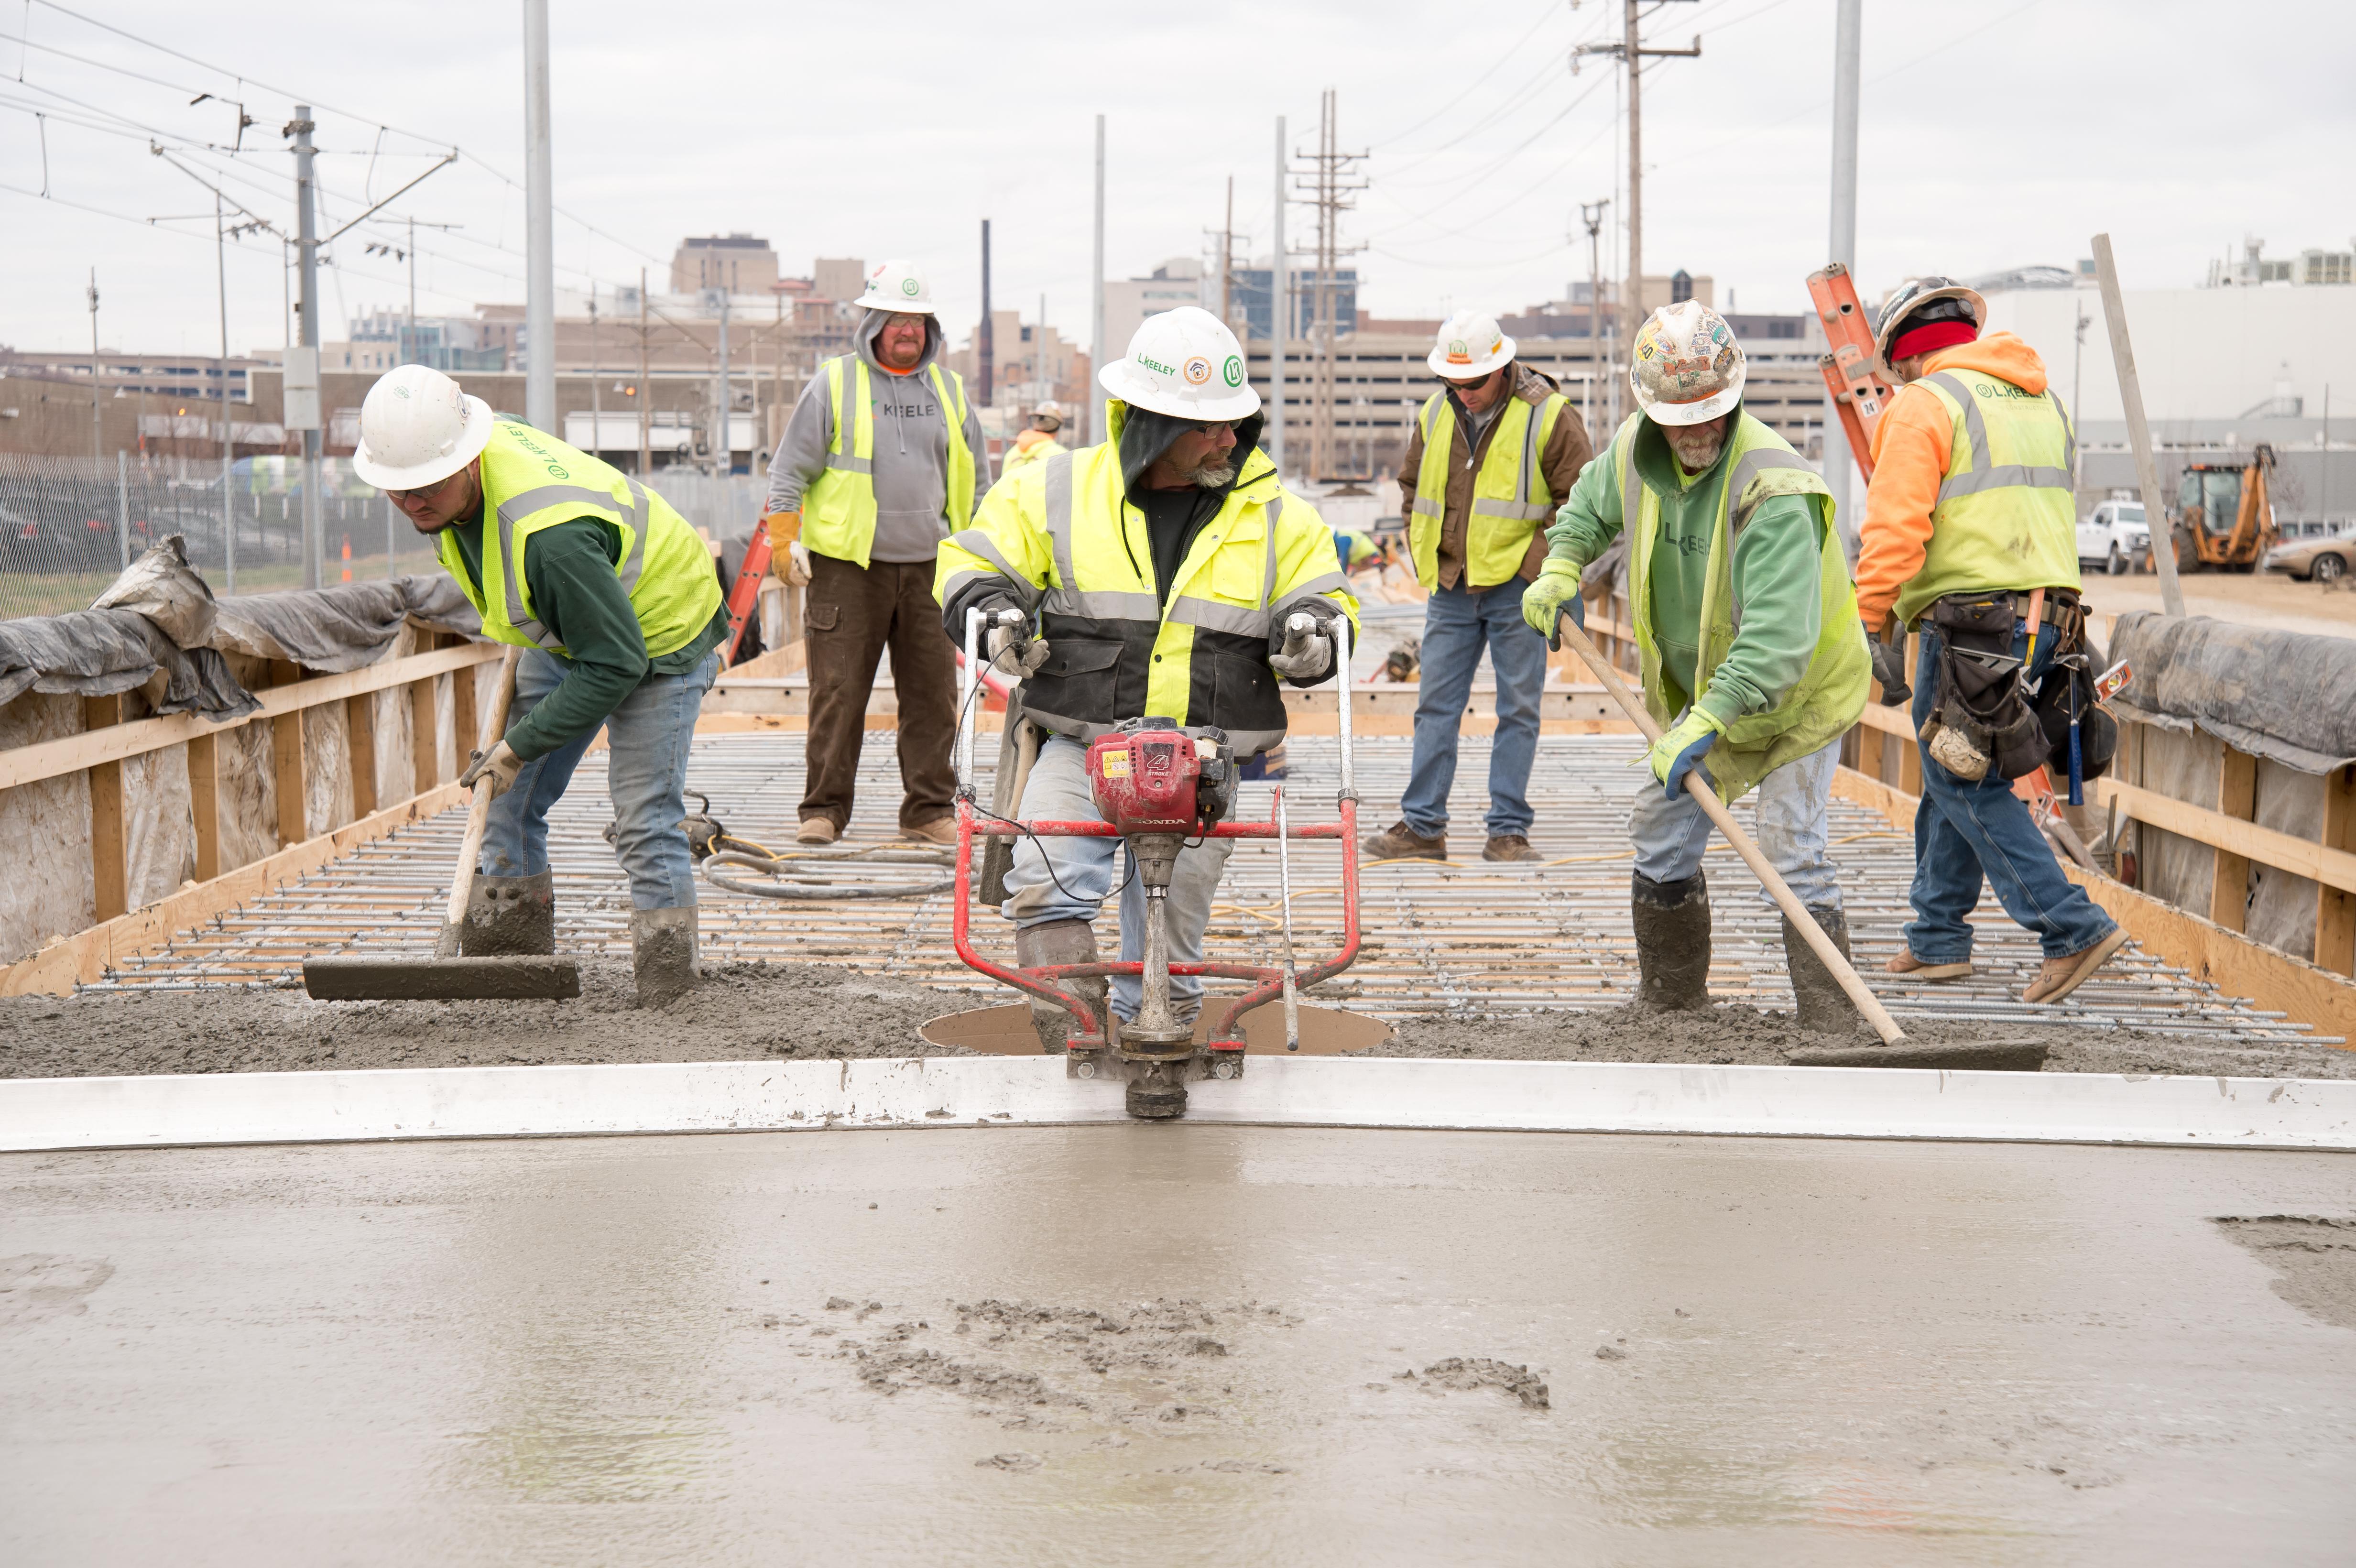 L Keeley Heavy Civil Concrete Pour for Metrolink Cortex